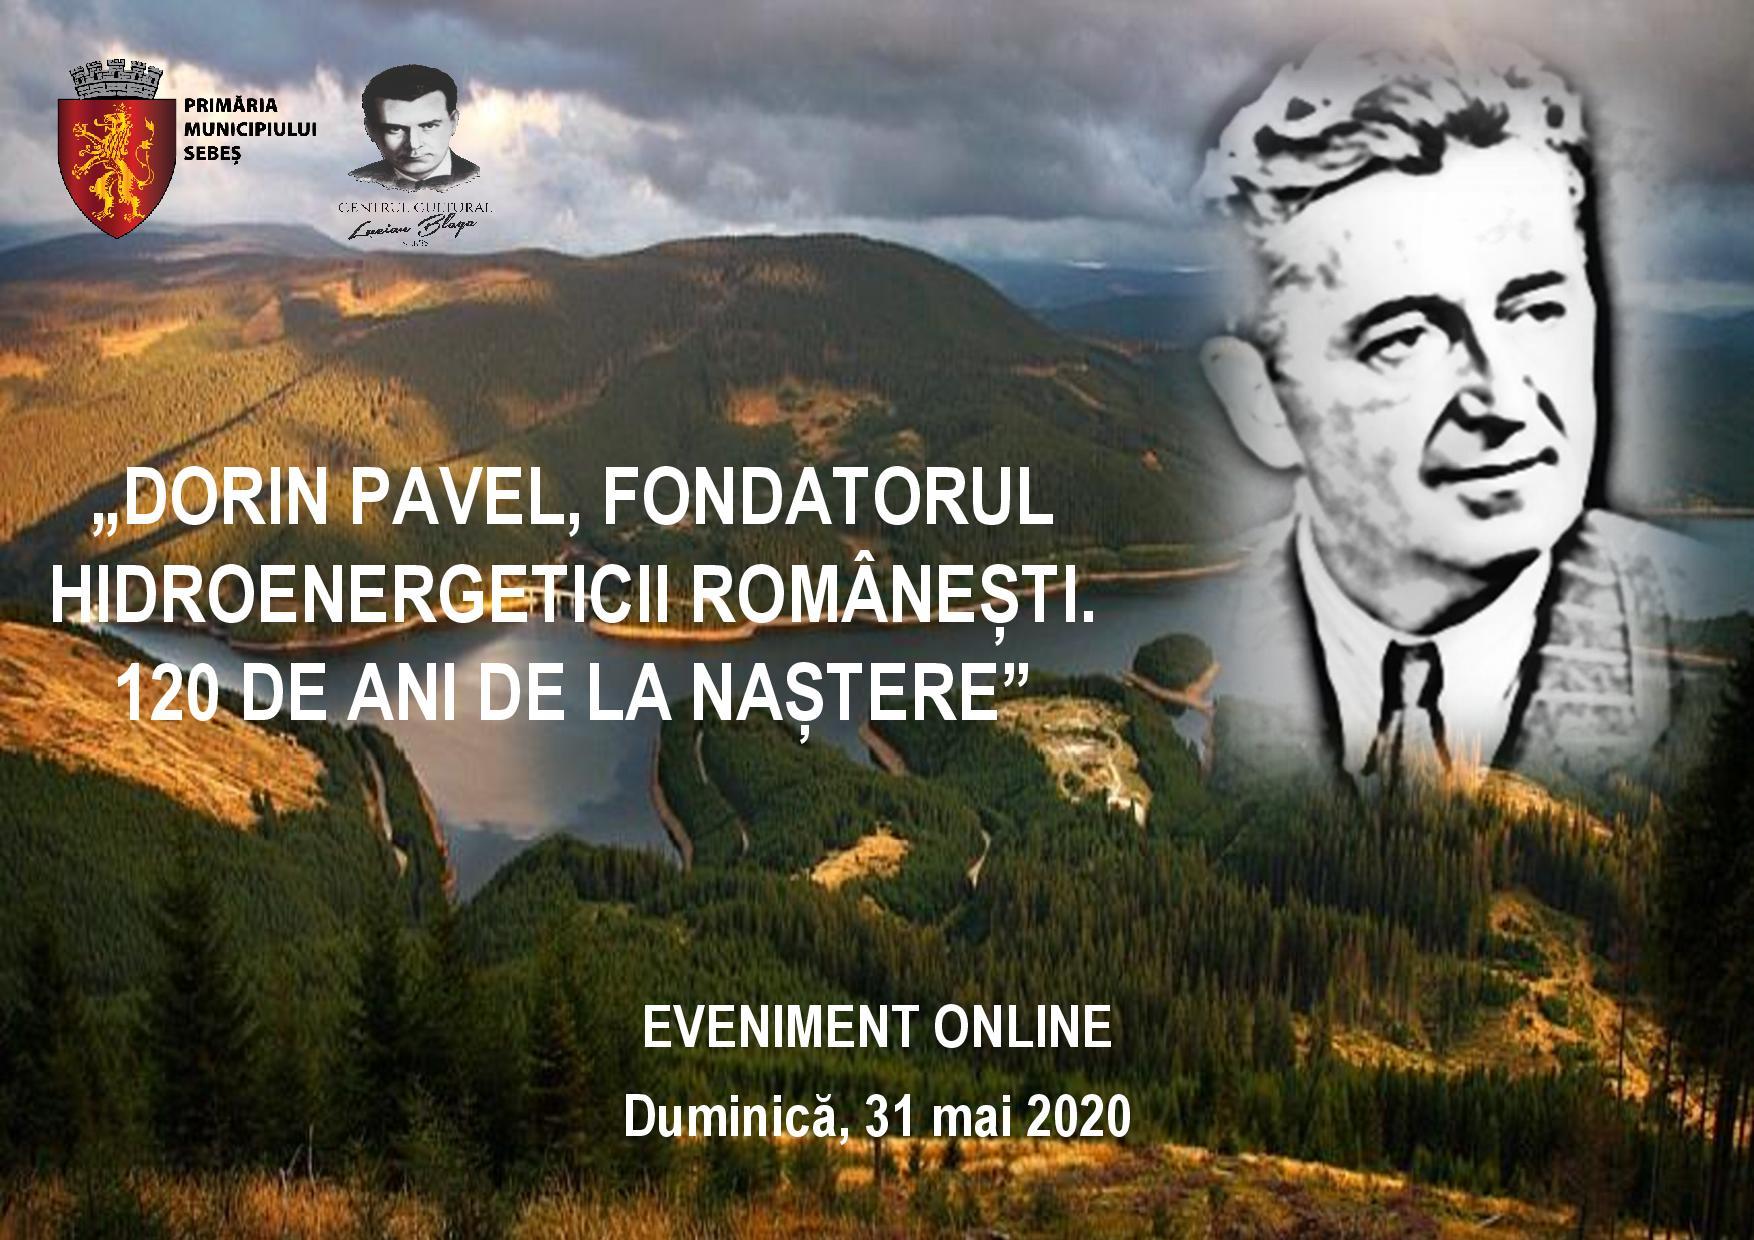 """SEBEȘ, 31 MAI 2020 – """"DORIN PAVEL, FONDATORUL HIDROENERGETICII ROMÂNEȘTI. 120 DE ANI DE LA NAȘTERE"""". EVENIMENT ONLINE"""